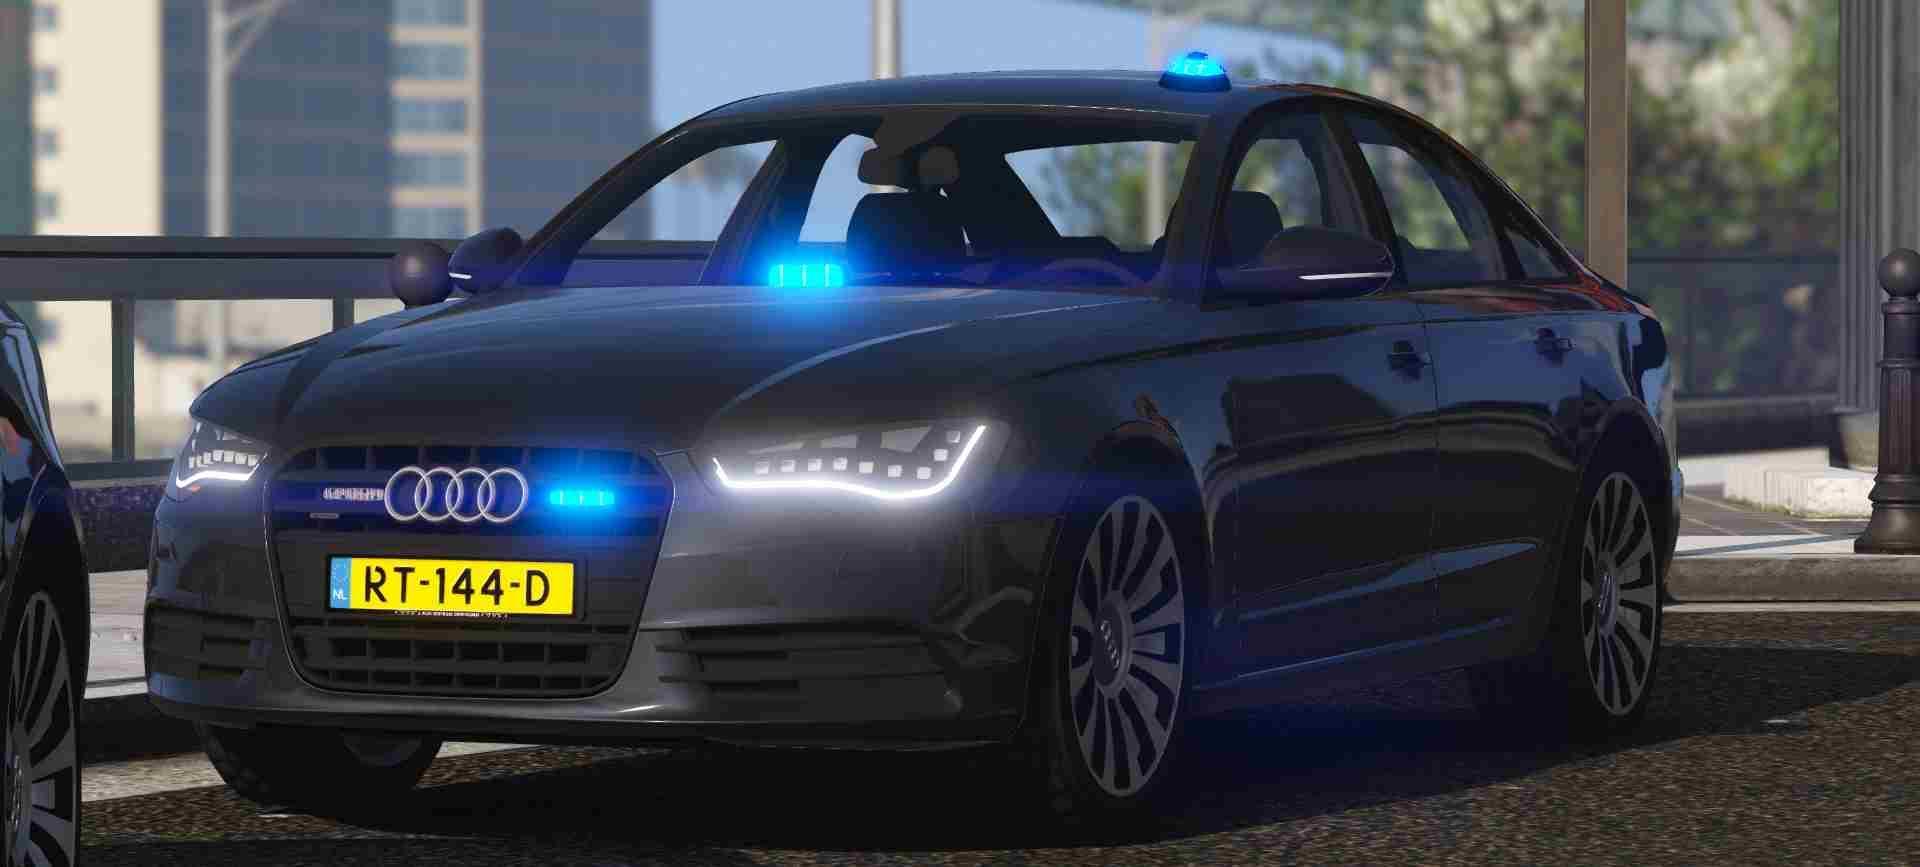 Audi A6 c7 Politie Arrestatieteam - GTA5-Mods.com